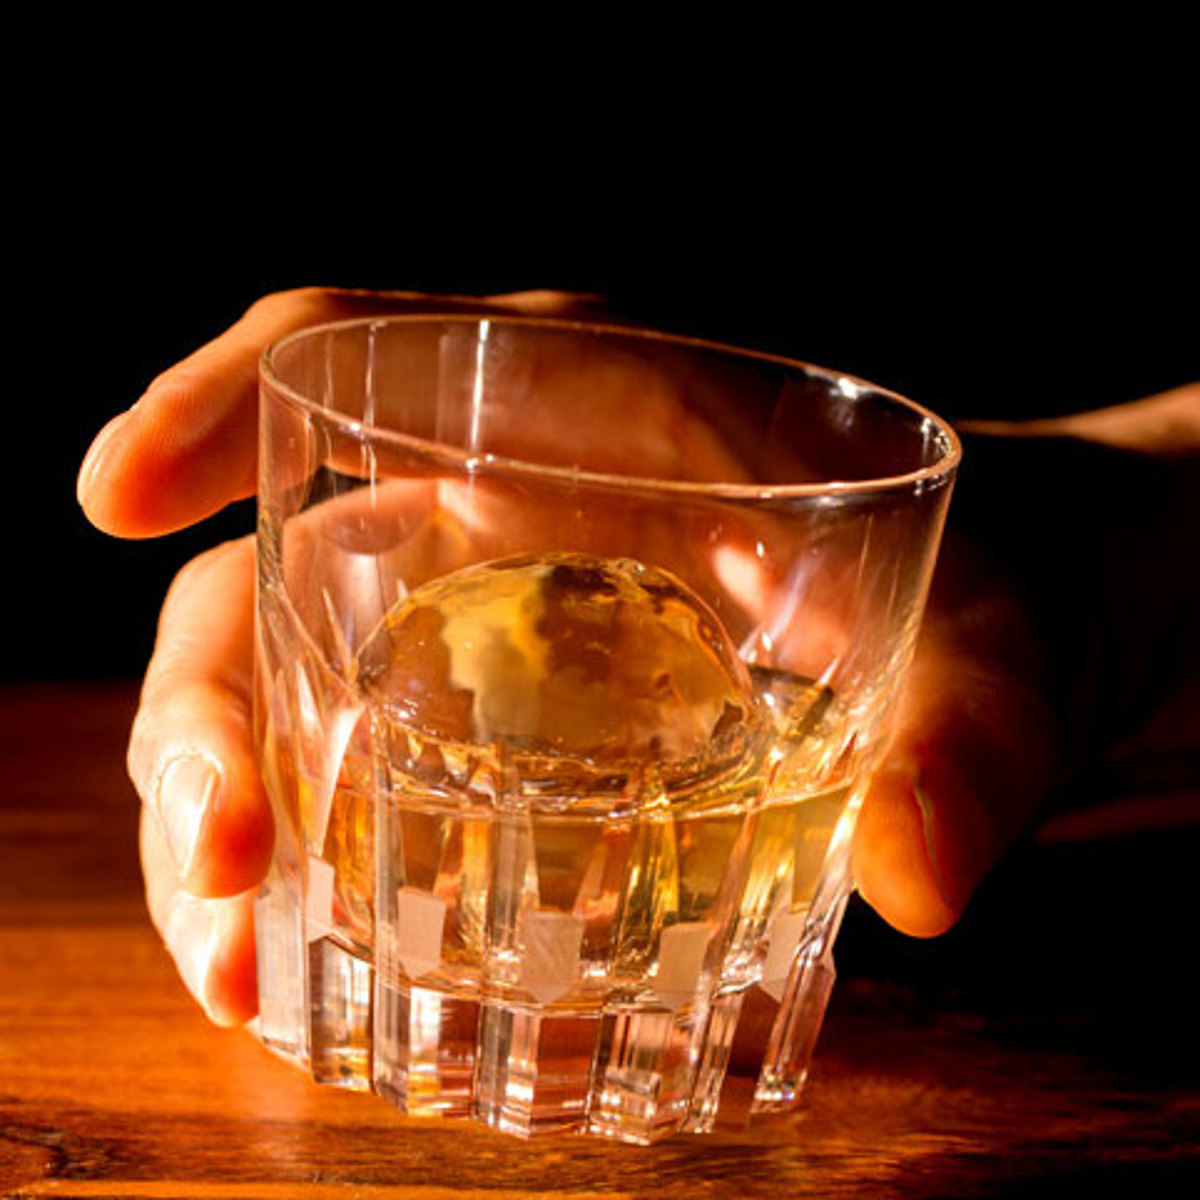 透明な丸い氷で、自宅がBARラウンジに いつもの飲み物も、美味しくゆったり楽しめる